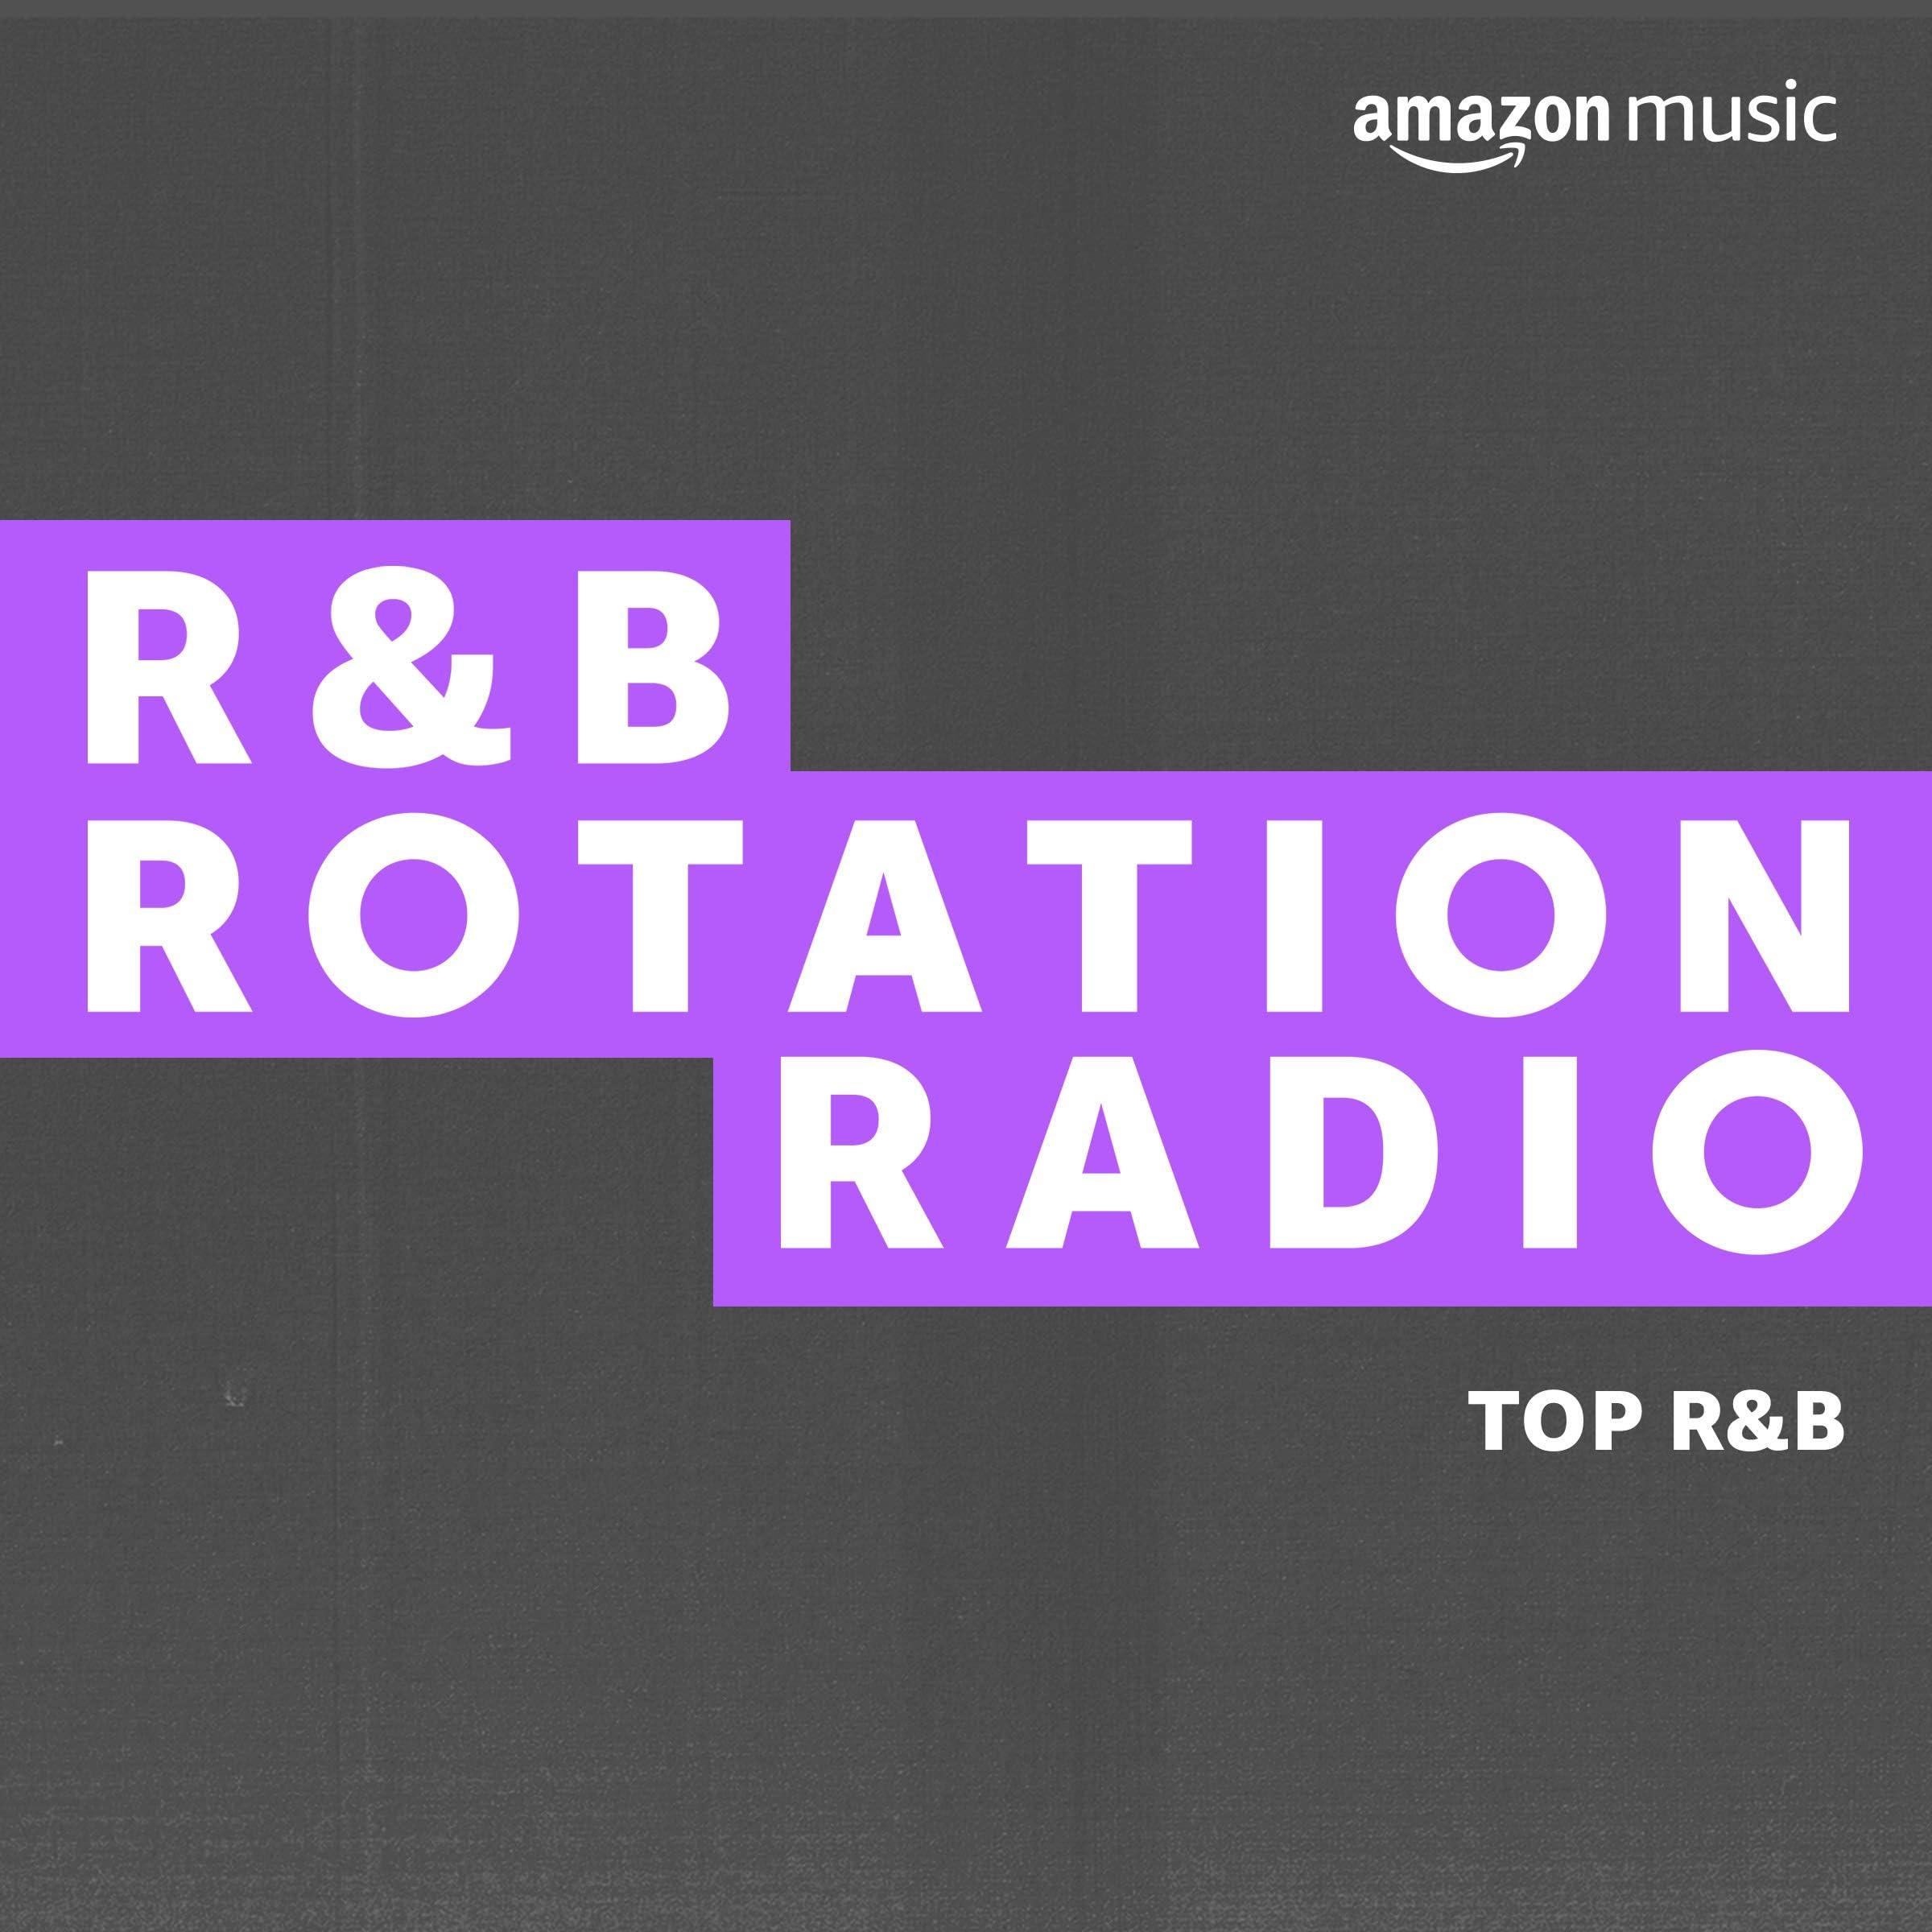 R&B Rotation Radio